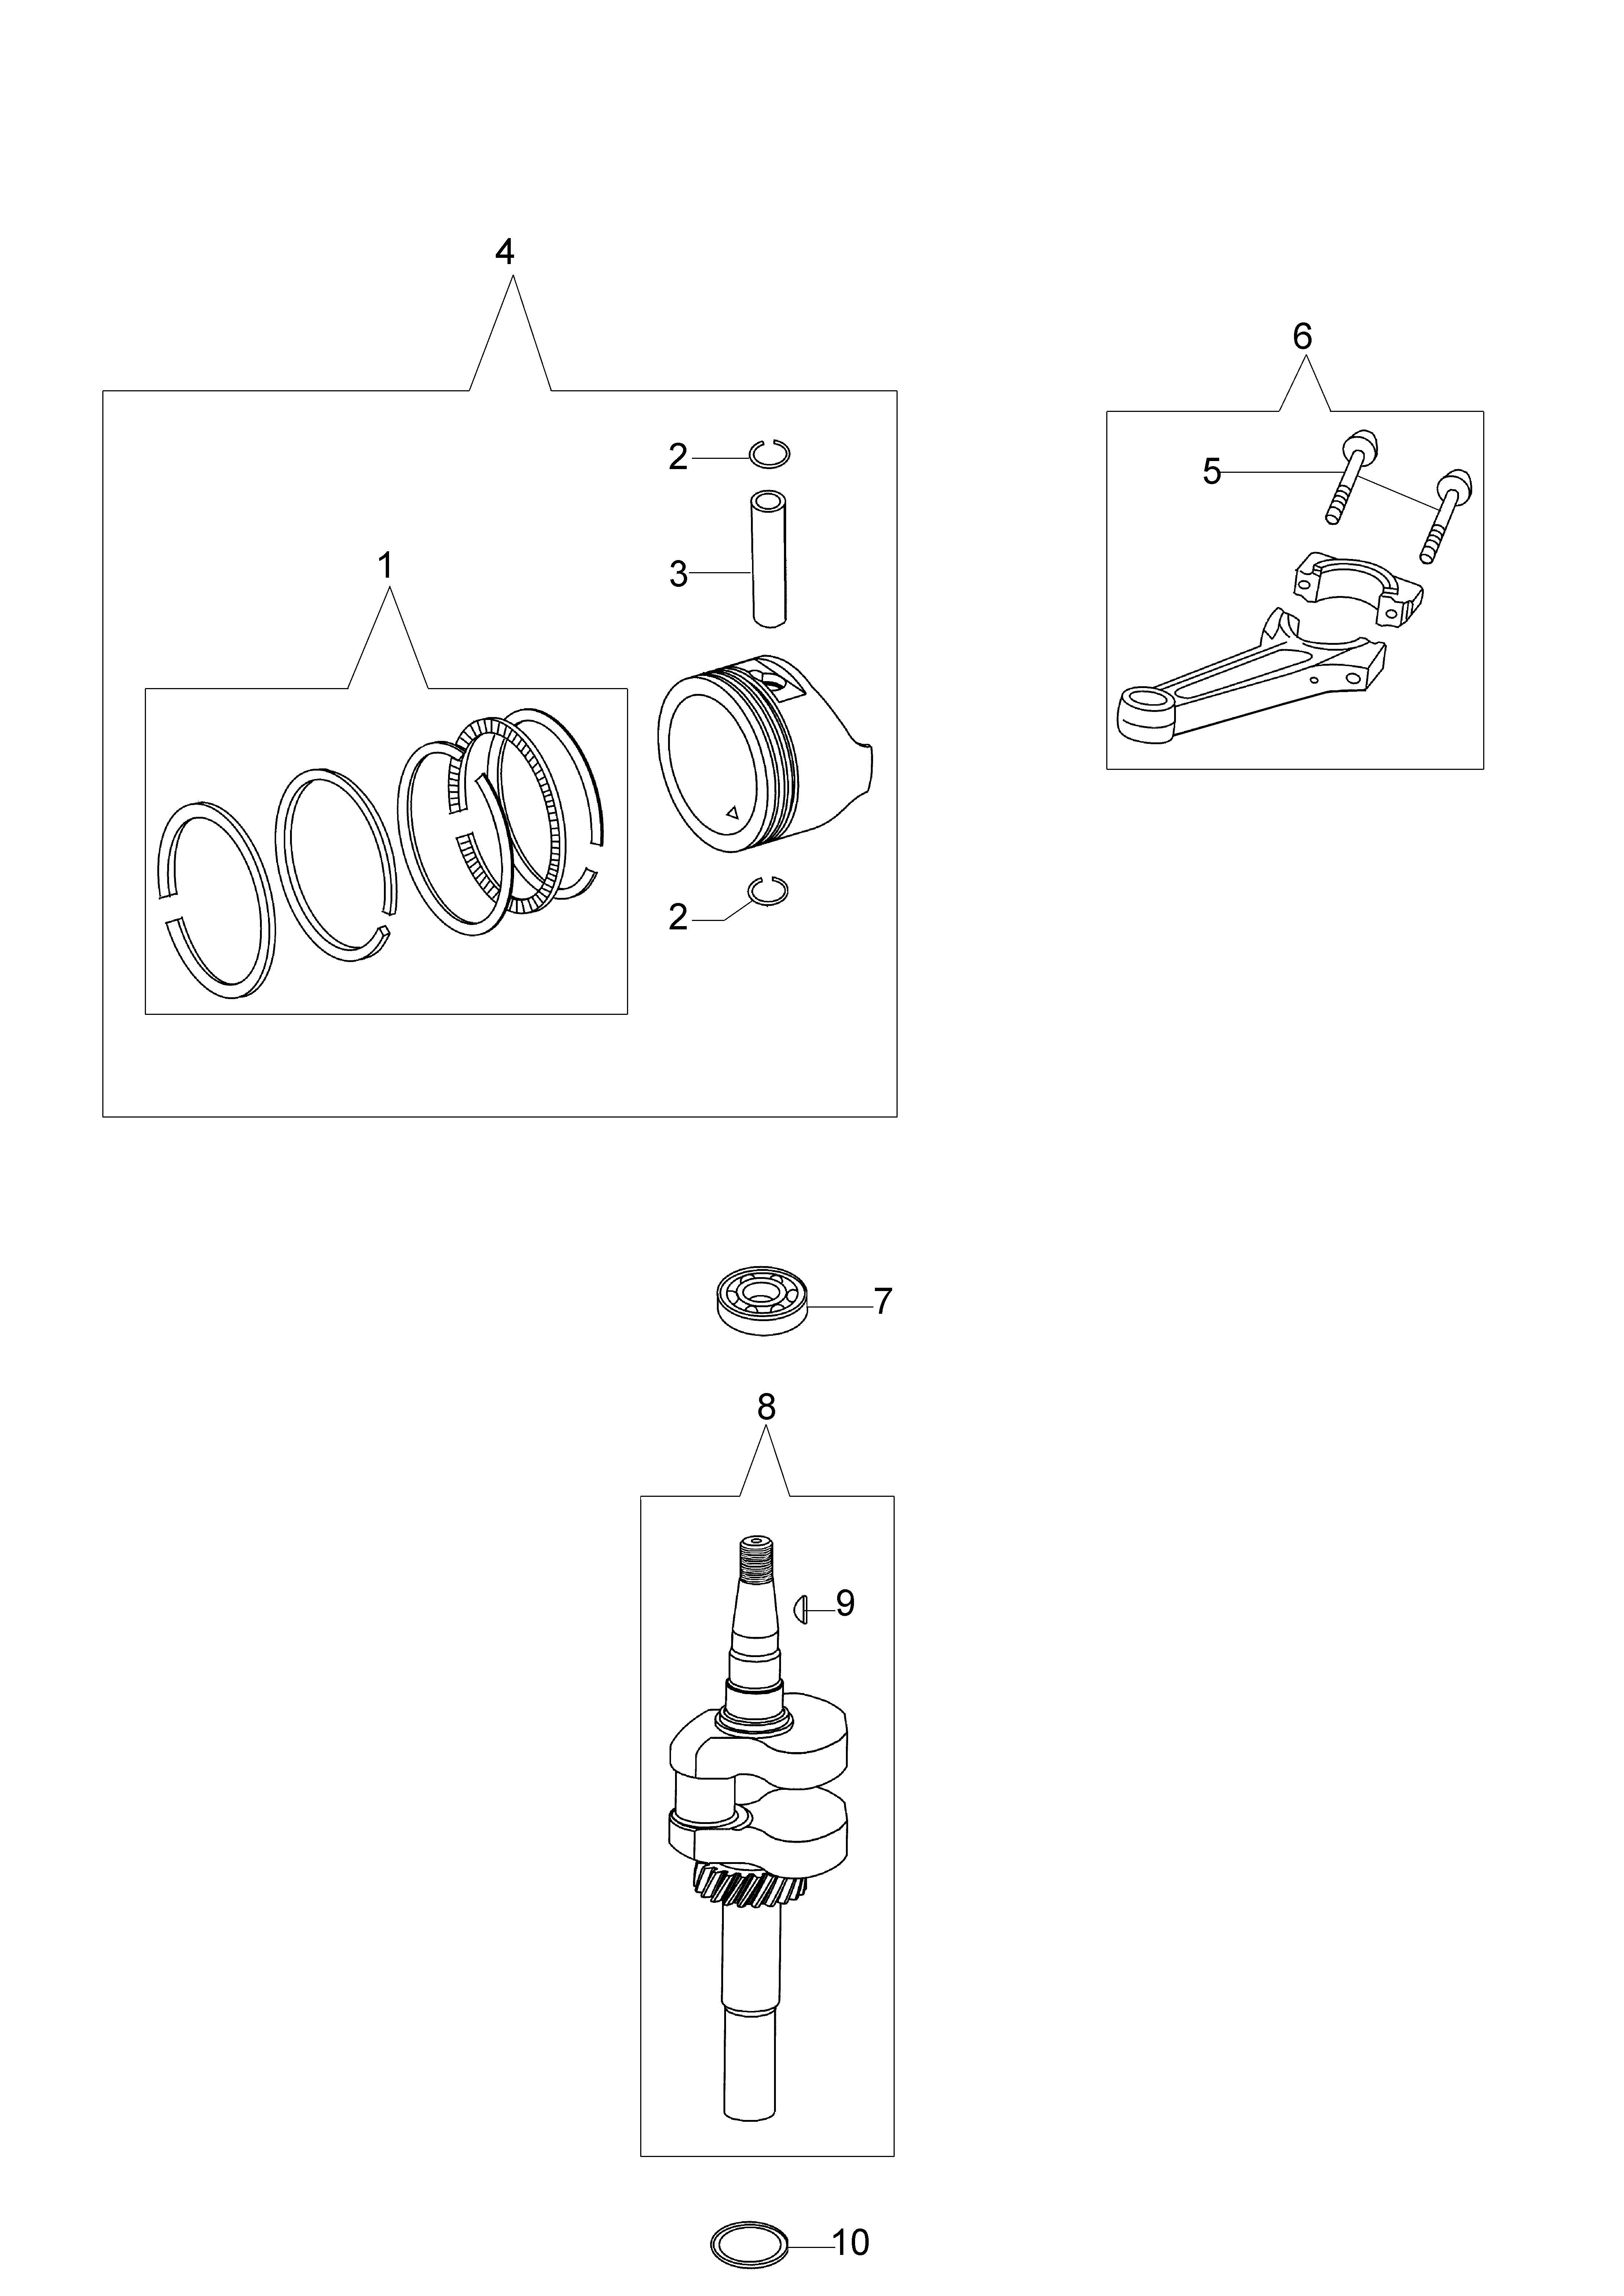 MOTEUR K600 emak  vue éclatée Dessins pièces -  Vilebrequin et piston